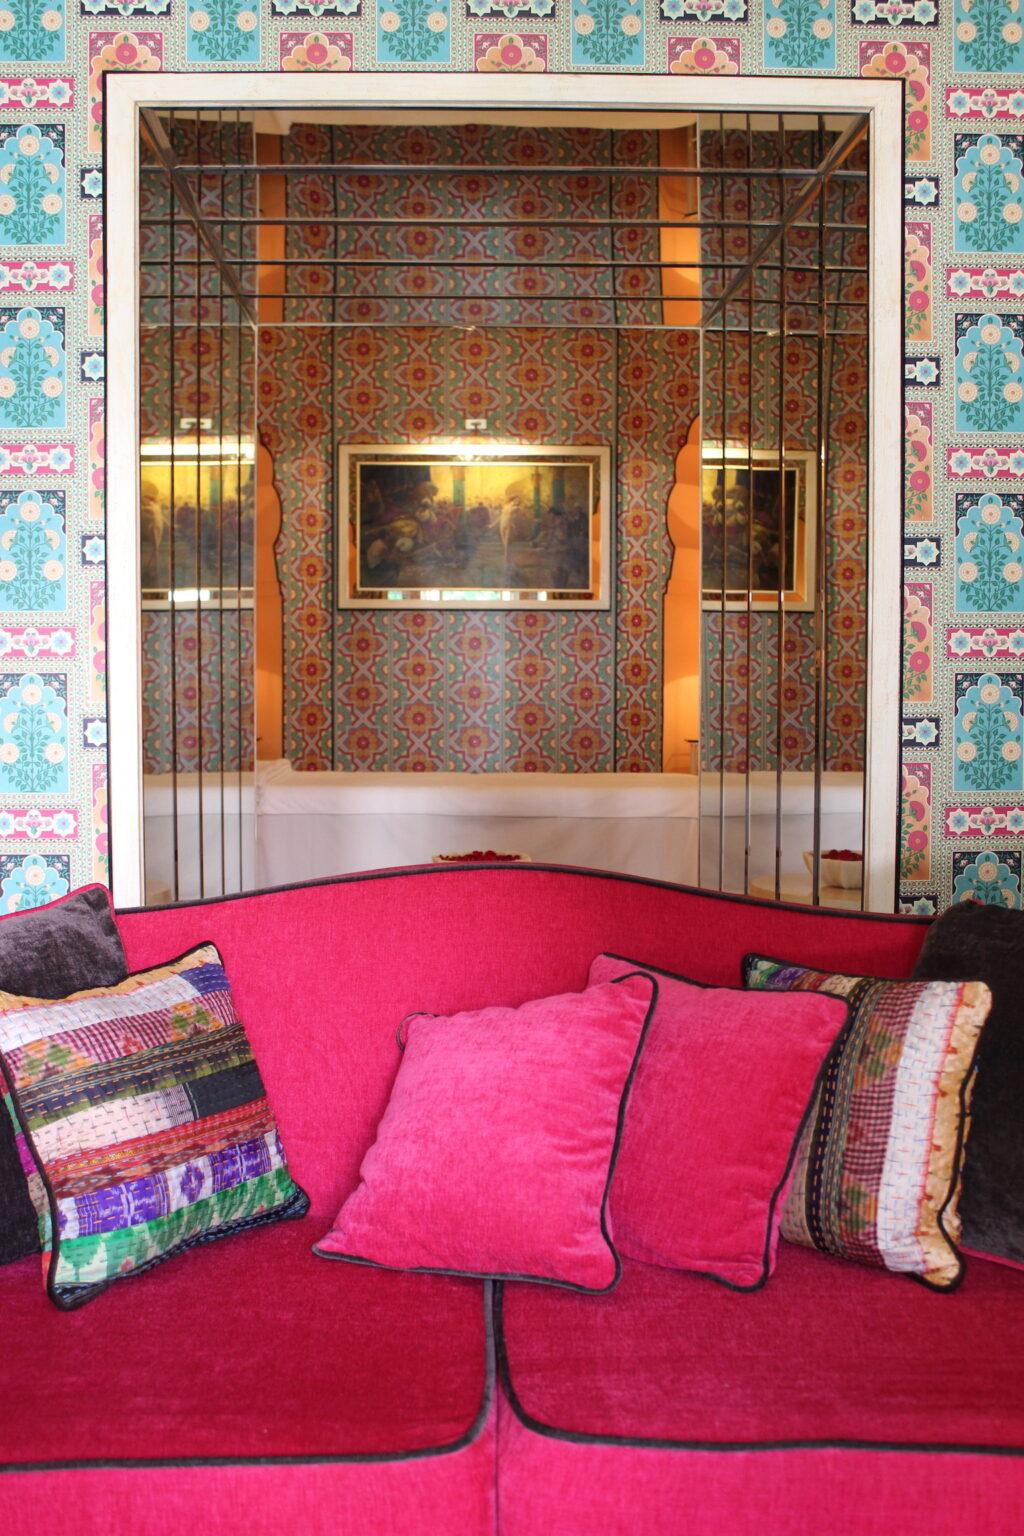 Spa at Sujan Rajmahal Palace Hotel. Image: Katrina Holden